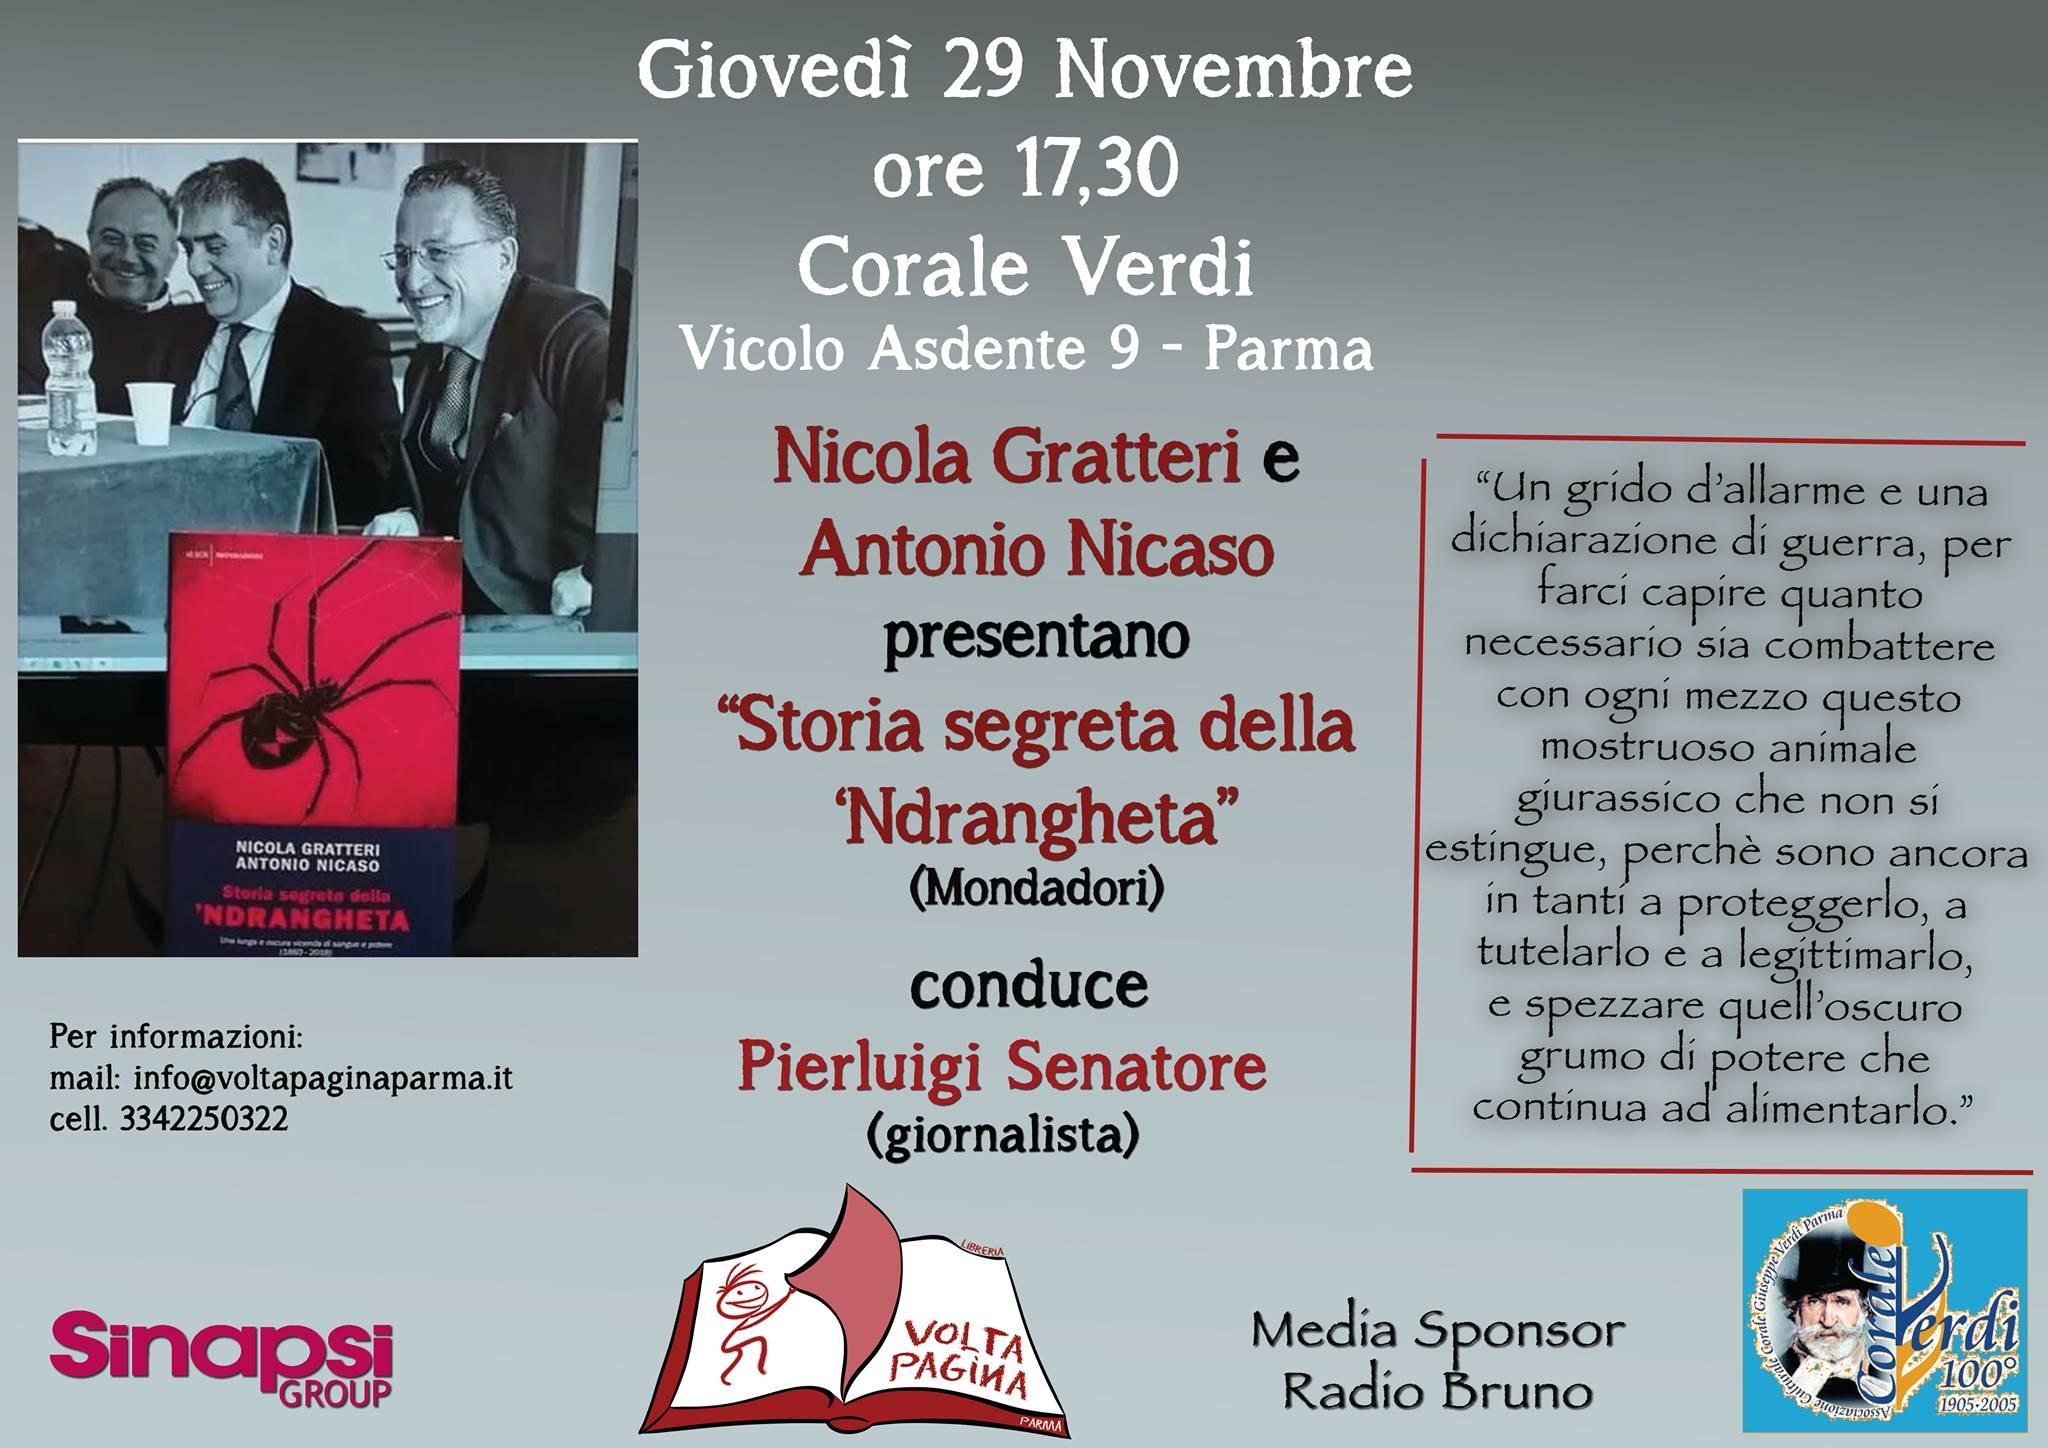 """Il magistrato Nicola Gratteri e lo storico Antonio Nicaso alla Corale Verdi per parlare di """"Storia segreta della n'drangheta"""":"""